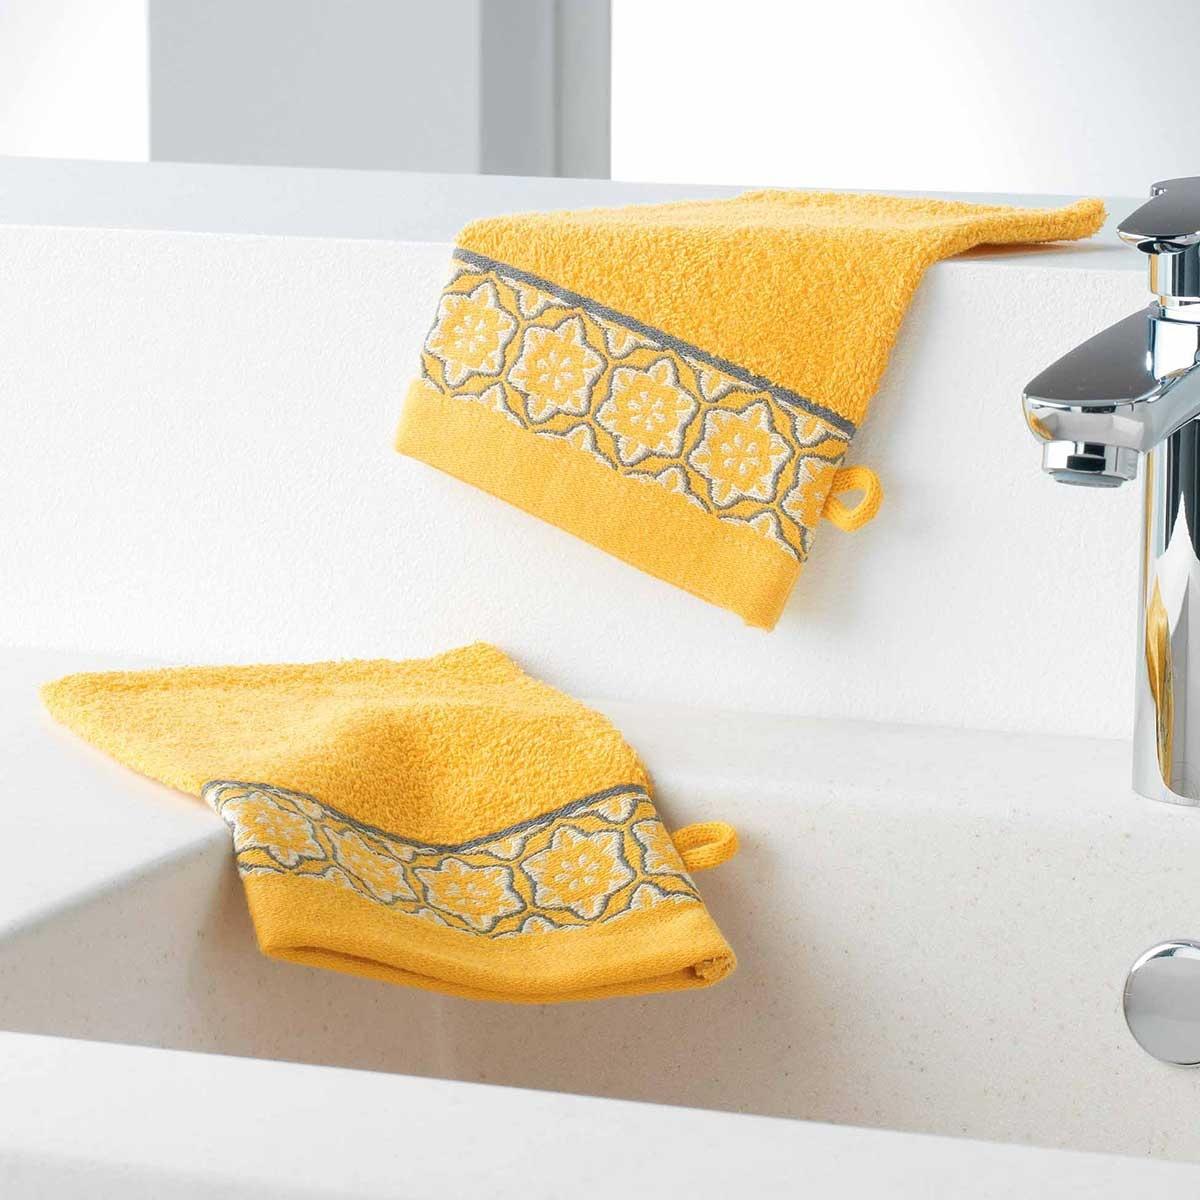 Gants de Toilette en Eponge Unie avec Liteau Jacquard (Miel)